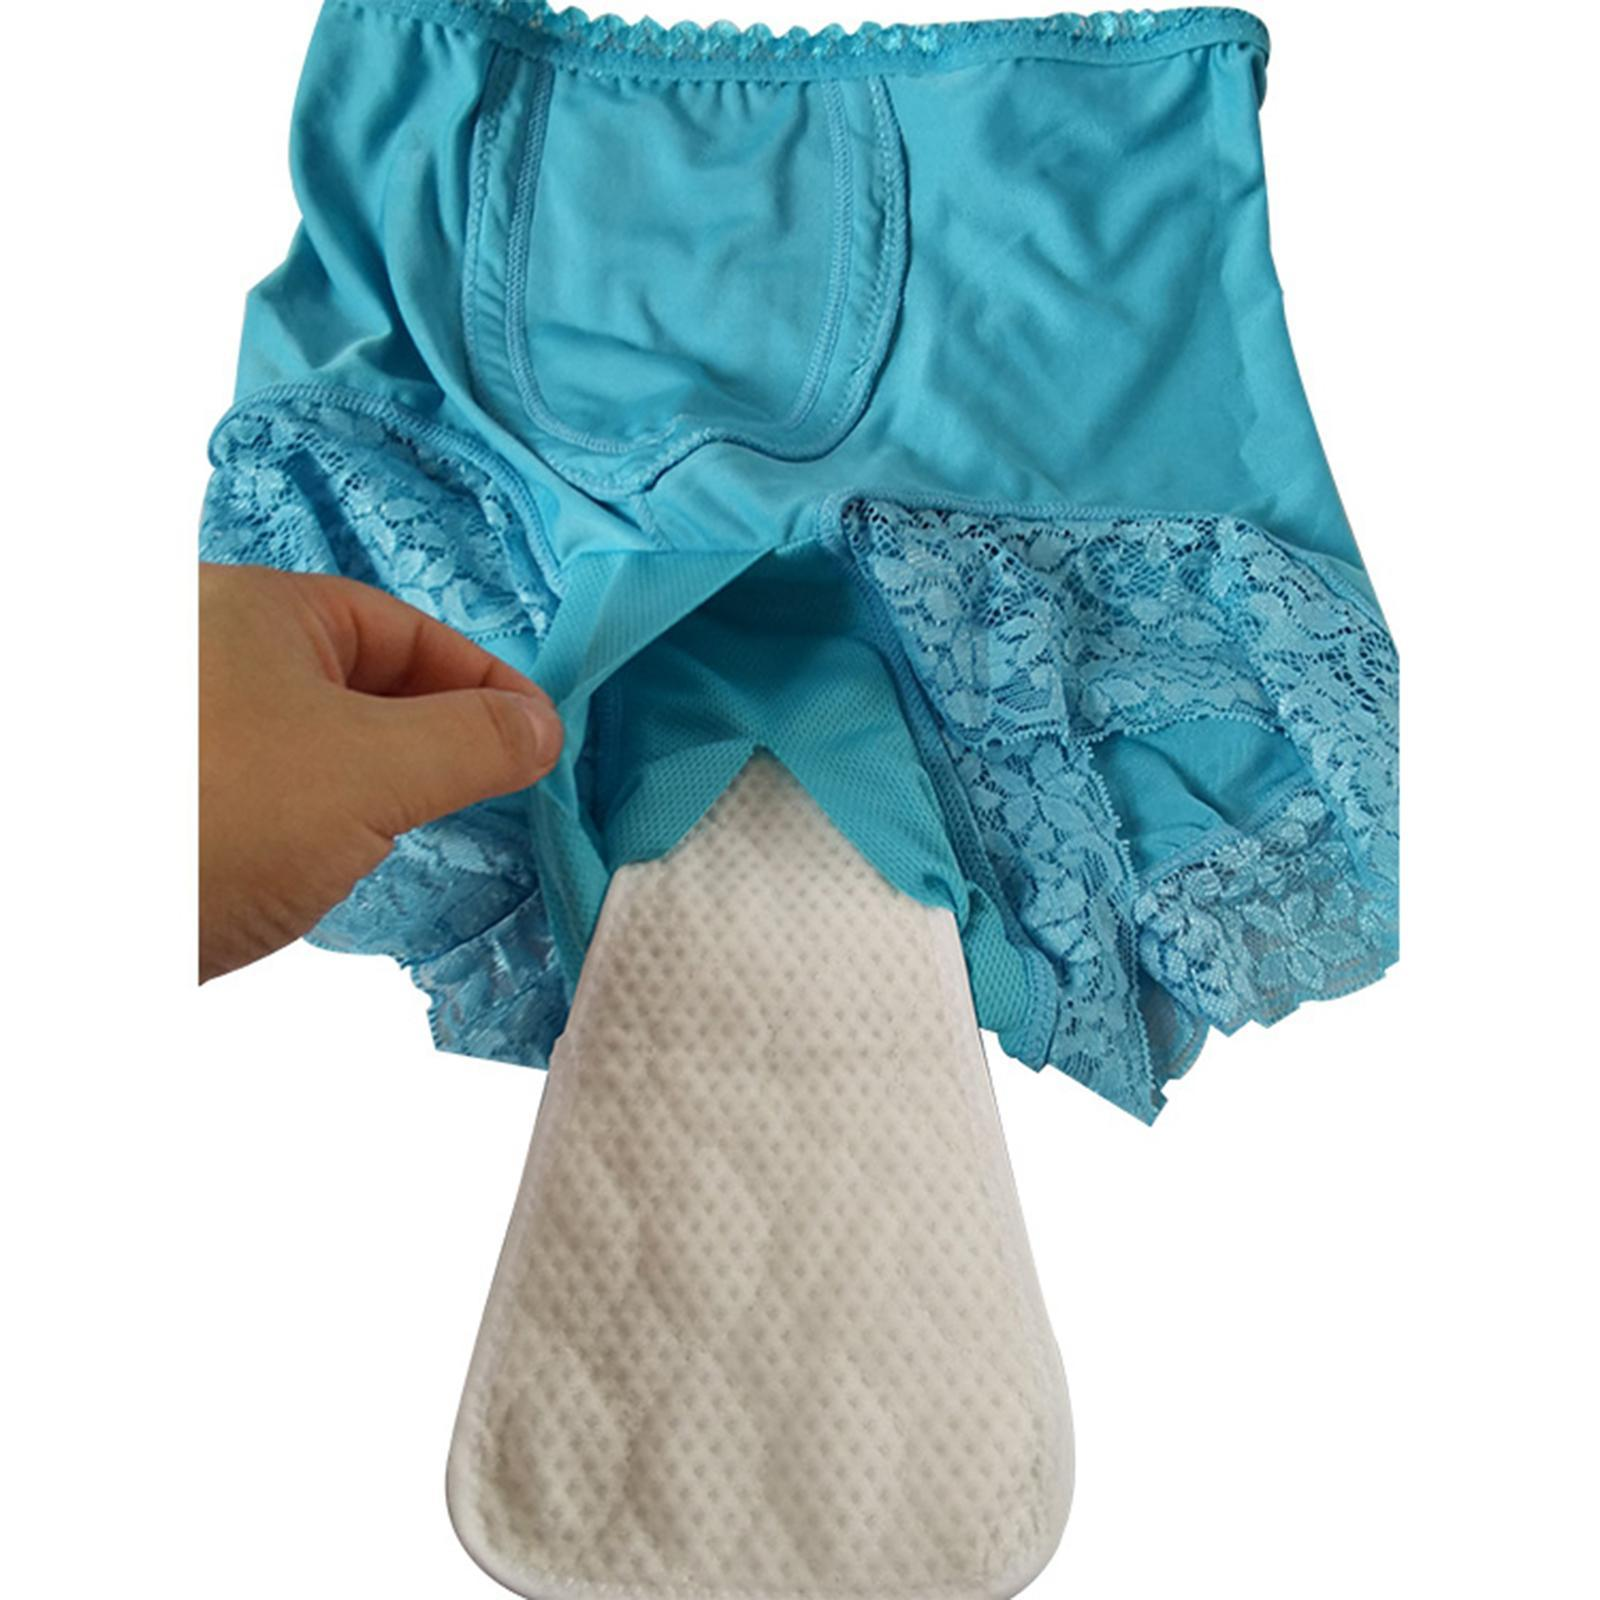 Indexbild 7 - Wiederverwendbare Inkontinenz Unterwäsche mit Pad für Frauen Menstruations